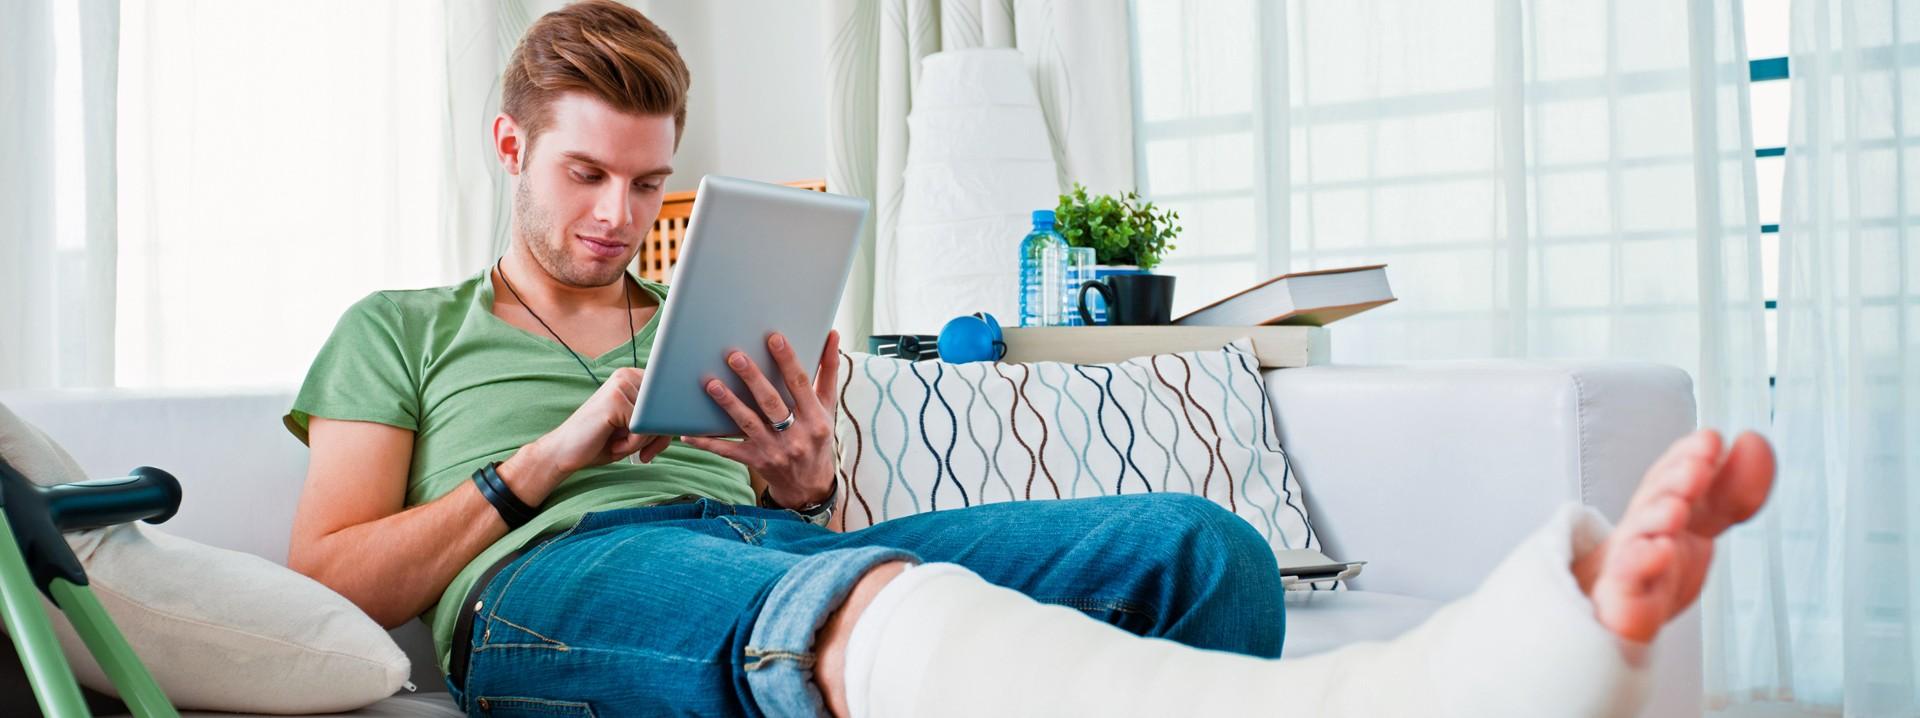 Ein junger Mann sitzt mit gebrochenem Bein auf dem Sofa und hat ein Tablet in der Hand.